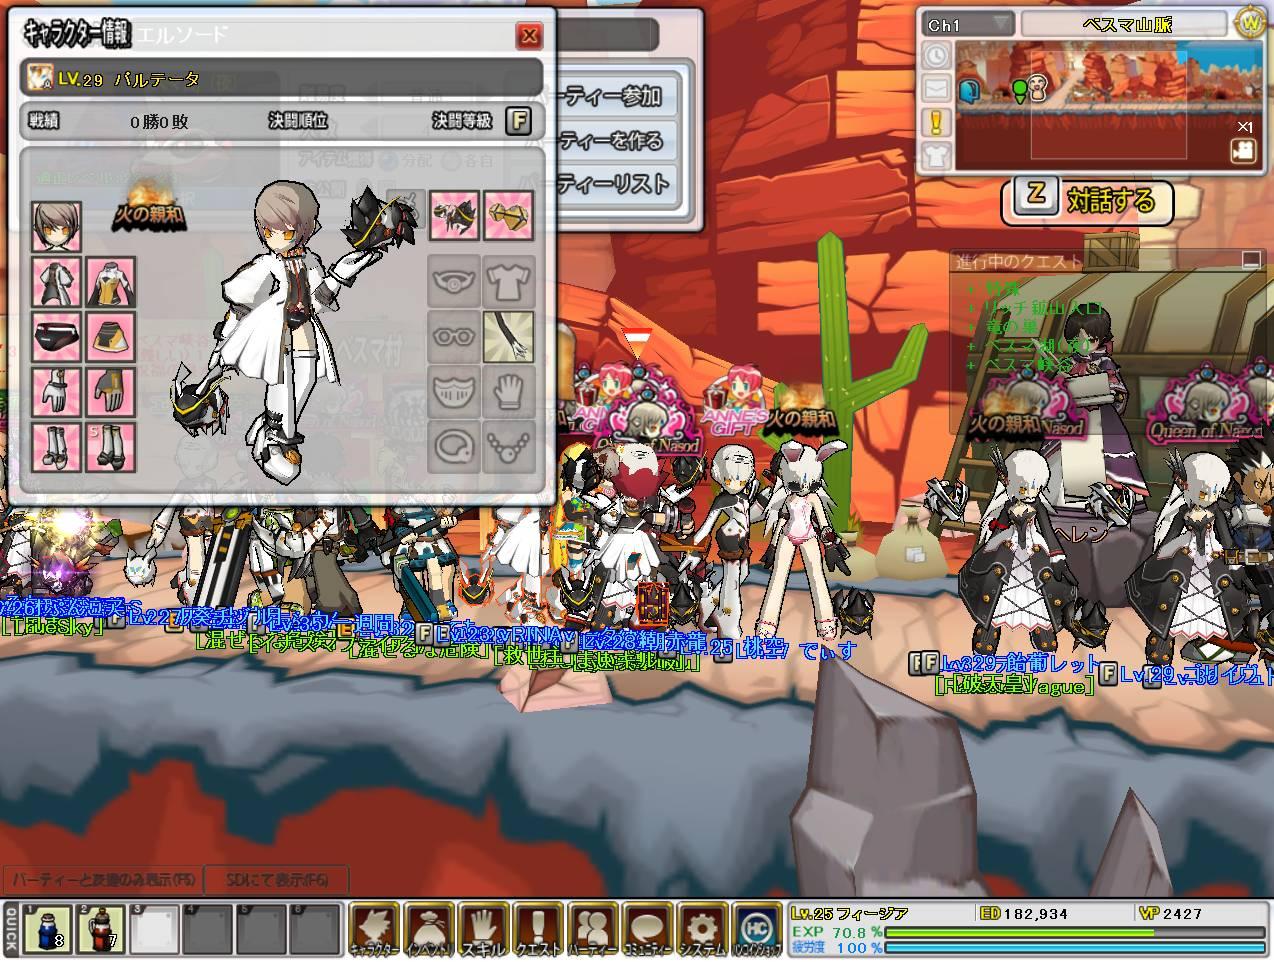 SC_2010_7_28_0_31_37_.jpg